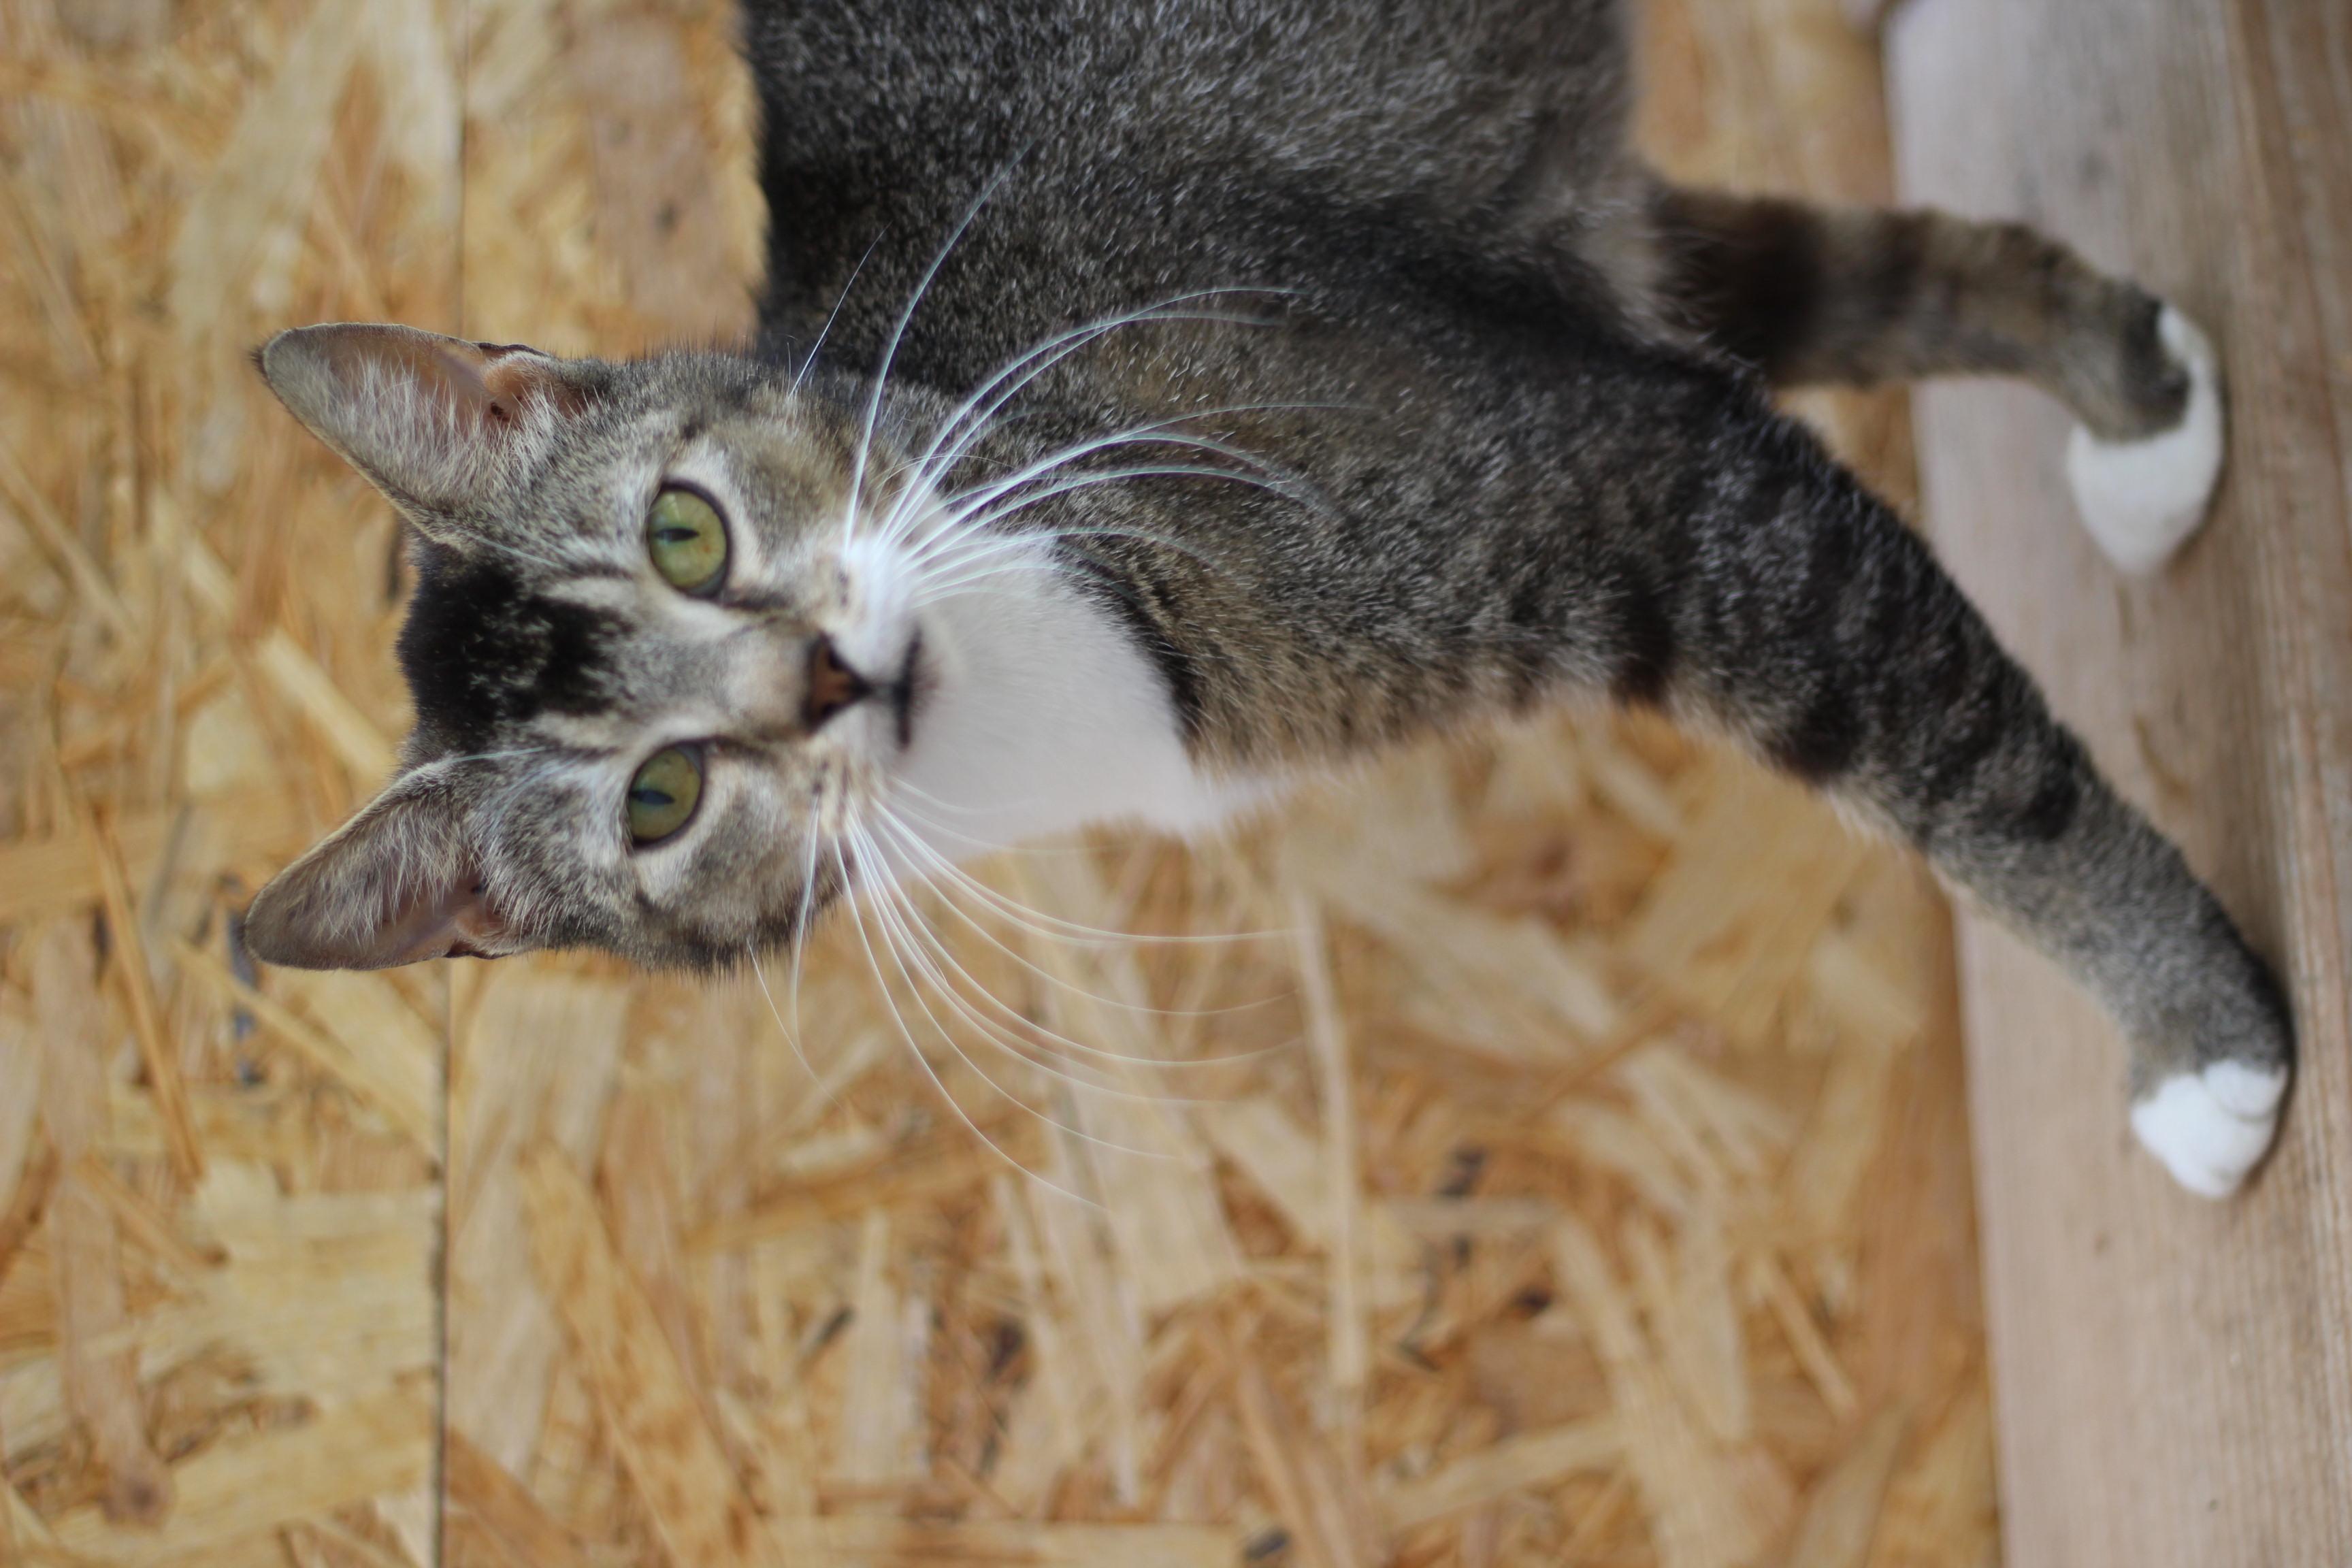 NEDSAT PRIS 600 KR - Amina er den smukkeste kat. hun er vildtfarvet næsten som en hare. hun r sød og kælen og kan med hund og børn og andre katte